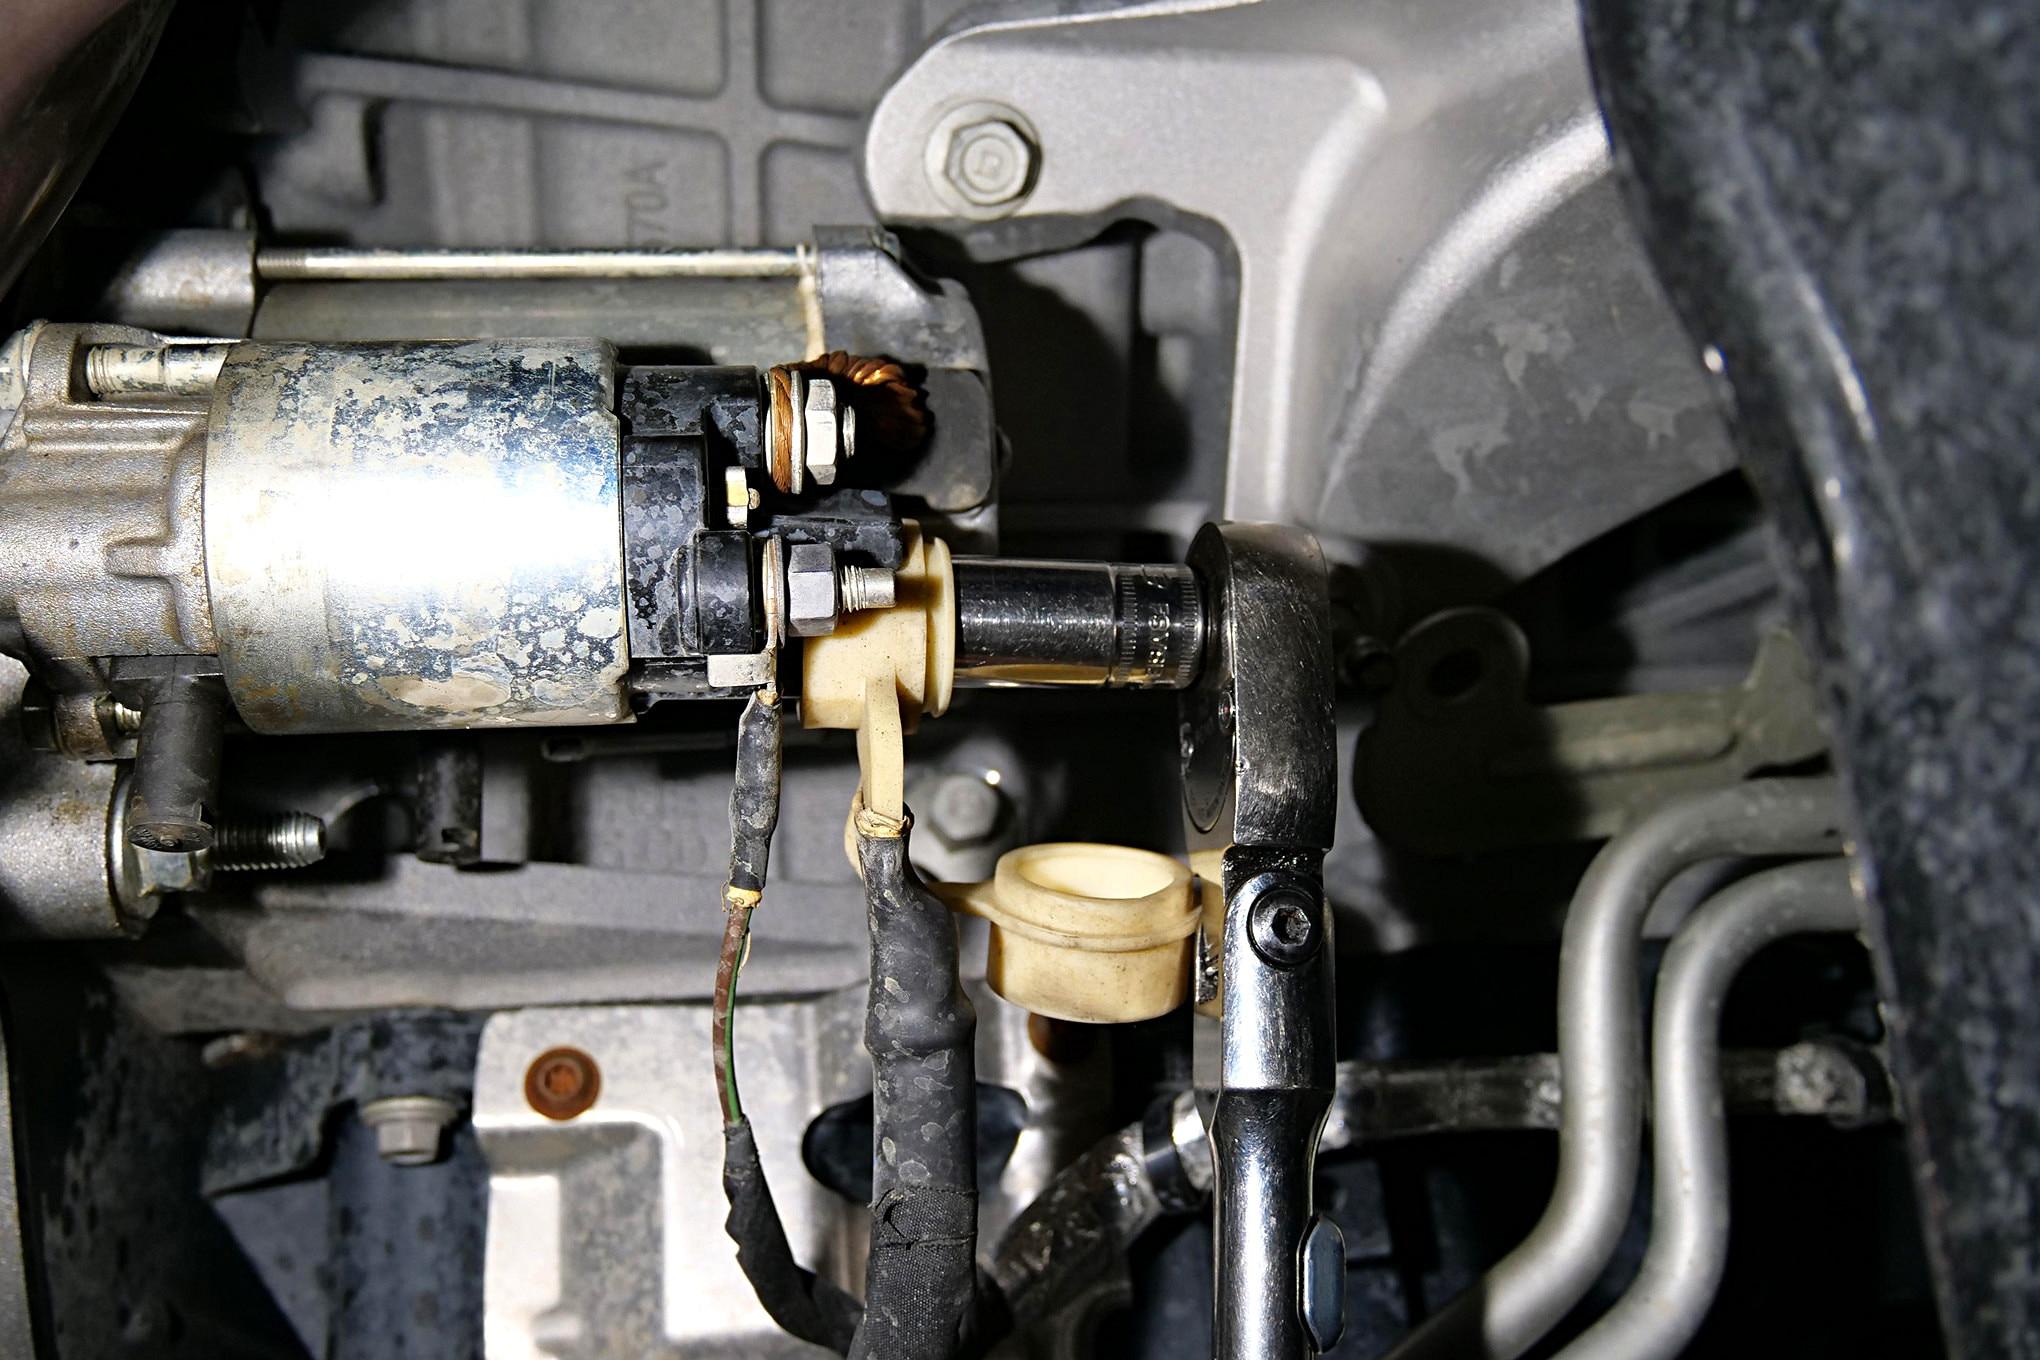 012 Mustang Mbrp Headers Exhaust